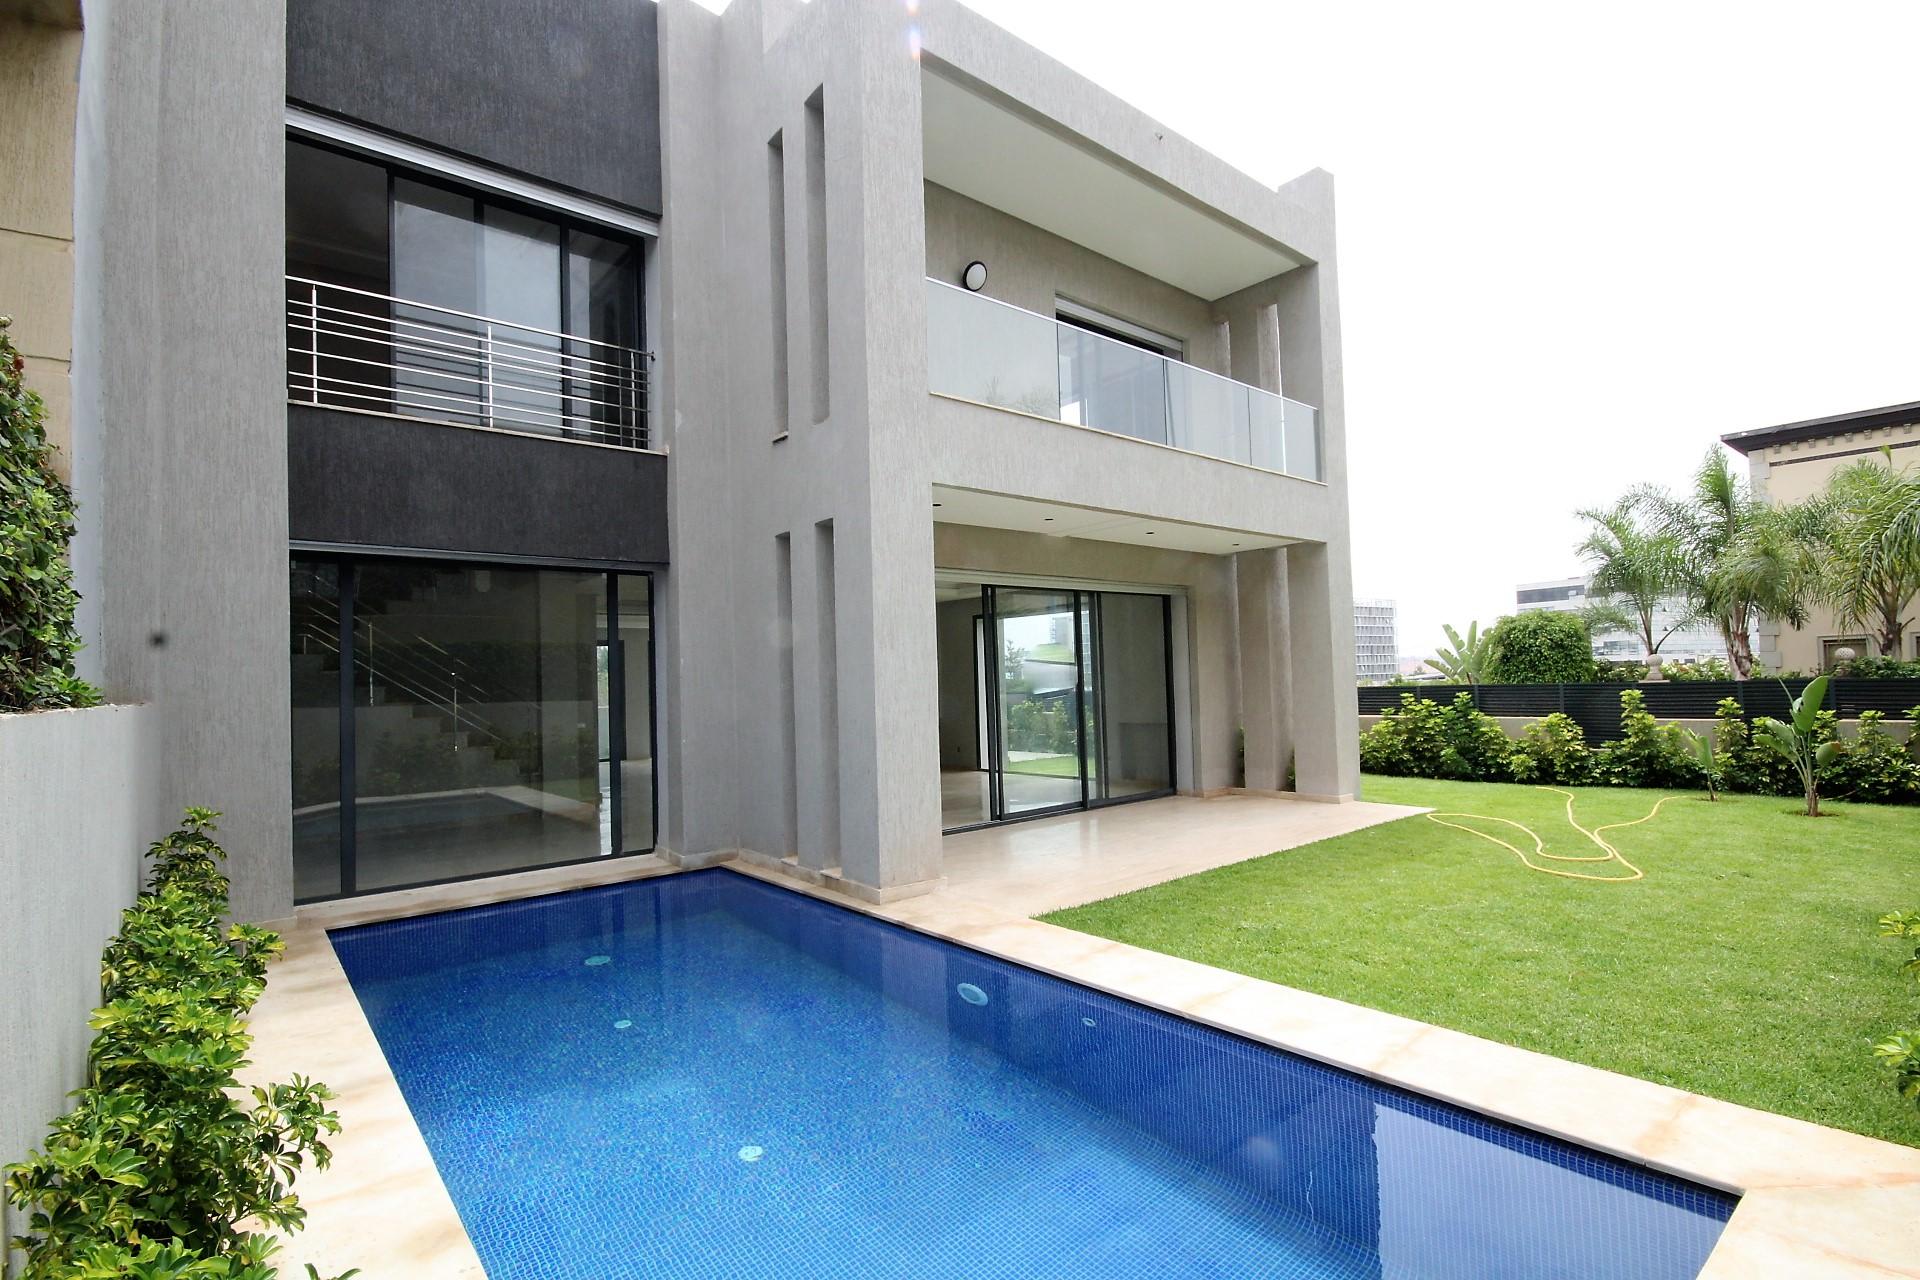 Maroc, Casablanca Sud (secteur Casa Nearshore), à louer villa neuve à usage mixte (professionnel et /ou Habitation)